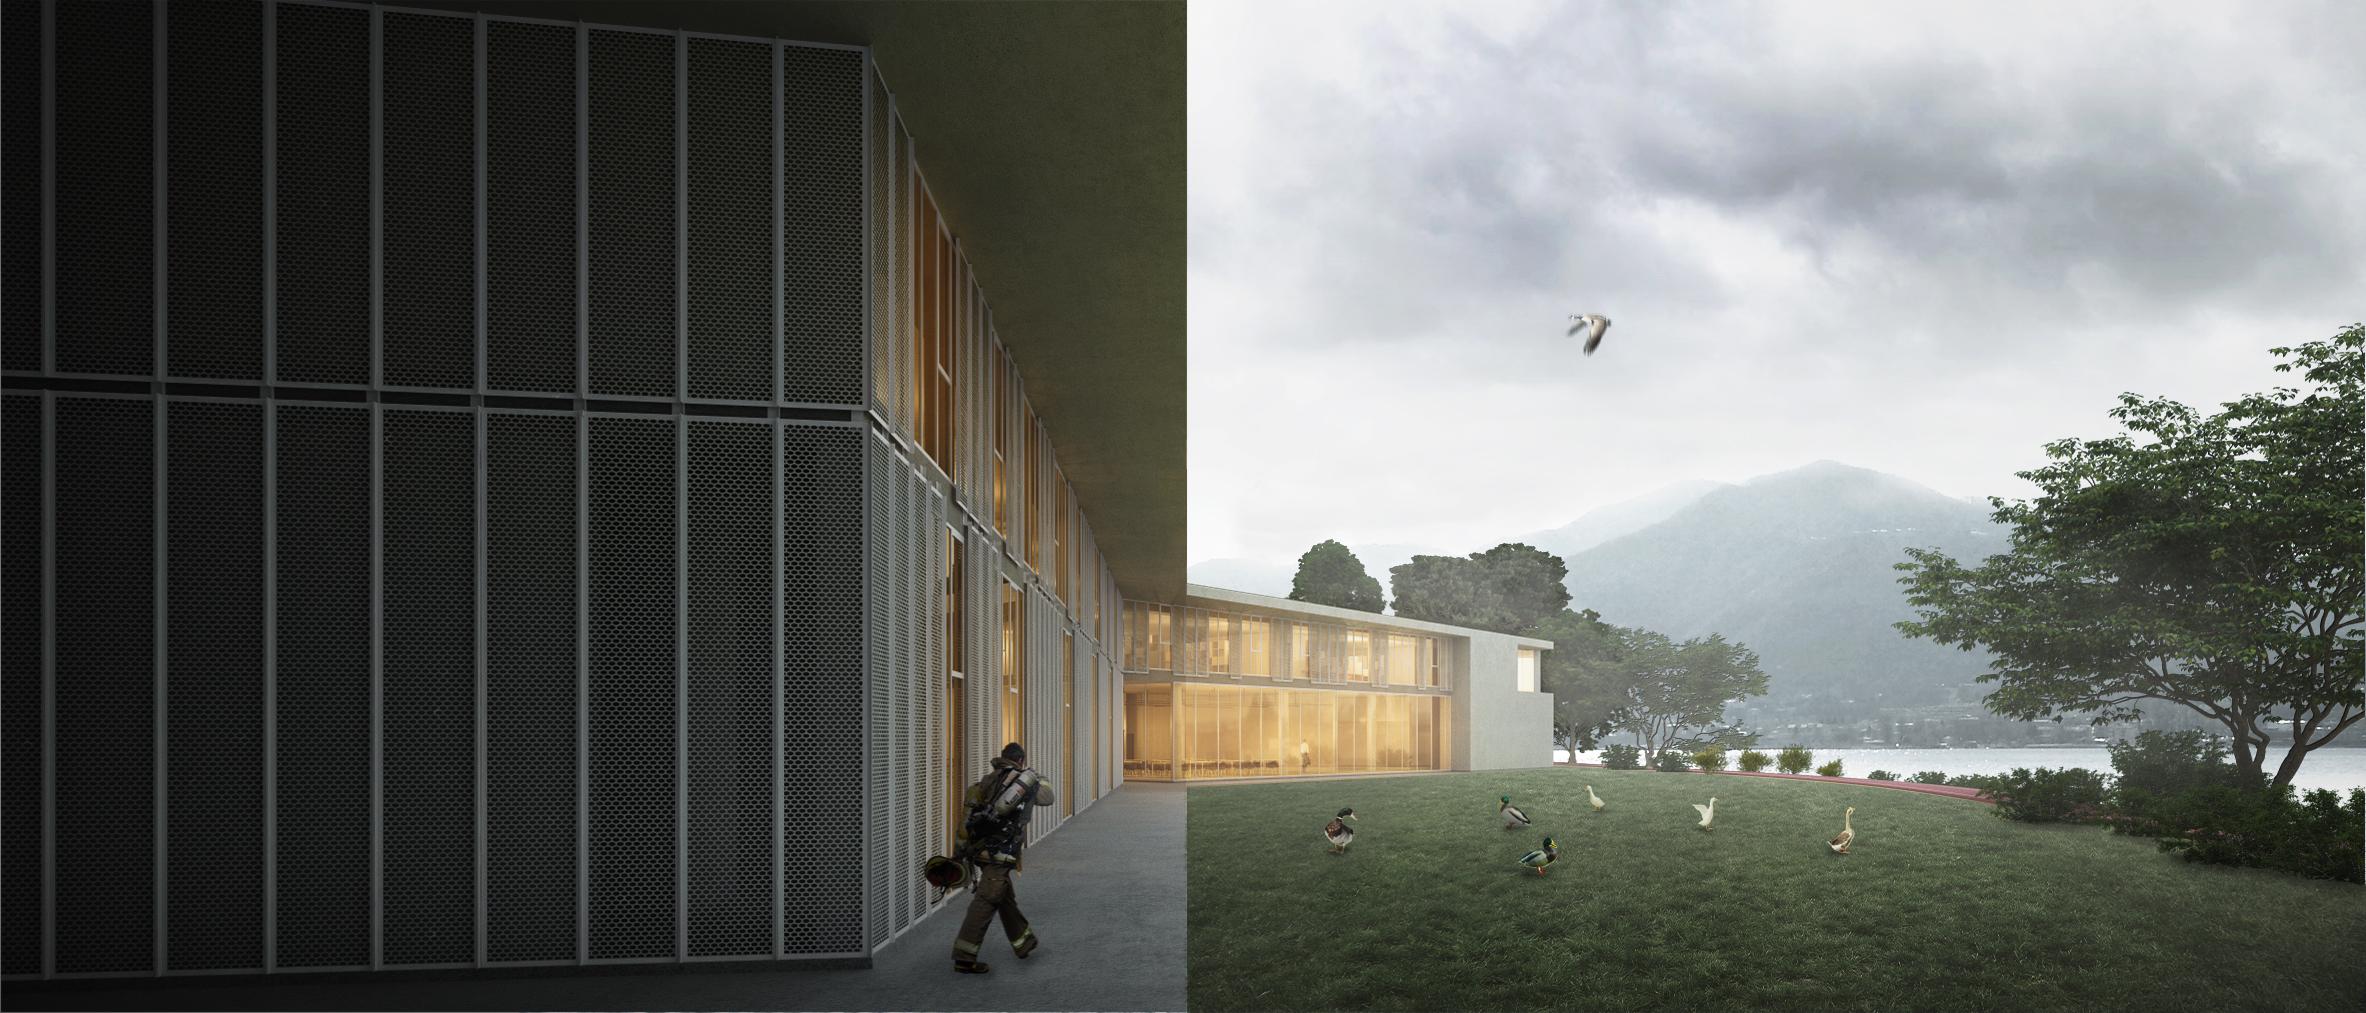 Studio La Sala Milano ap | architectural portraits